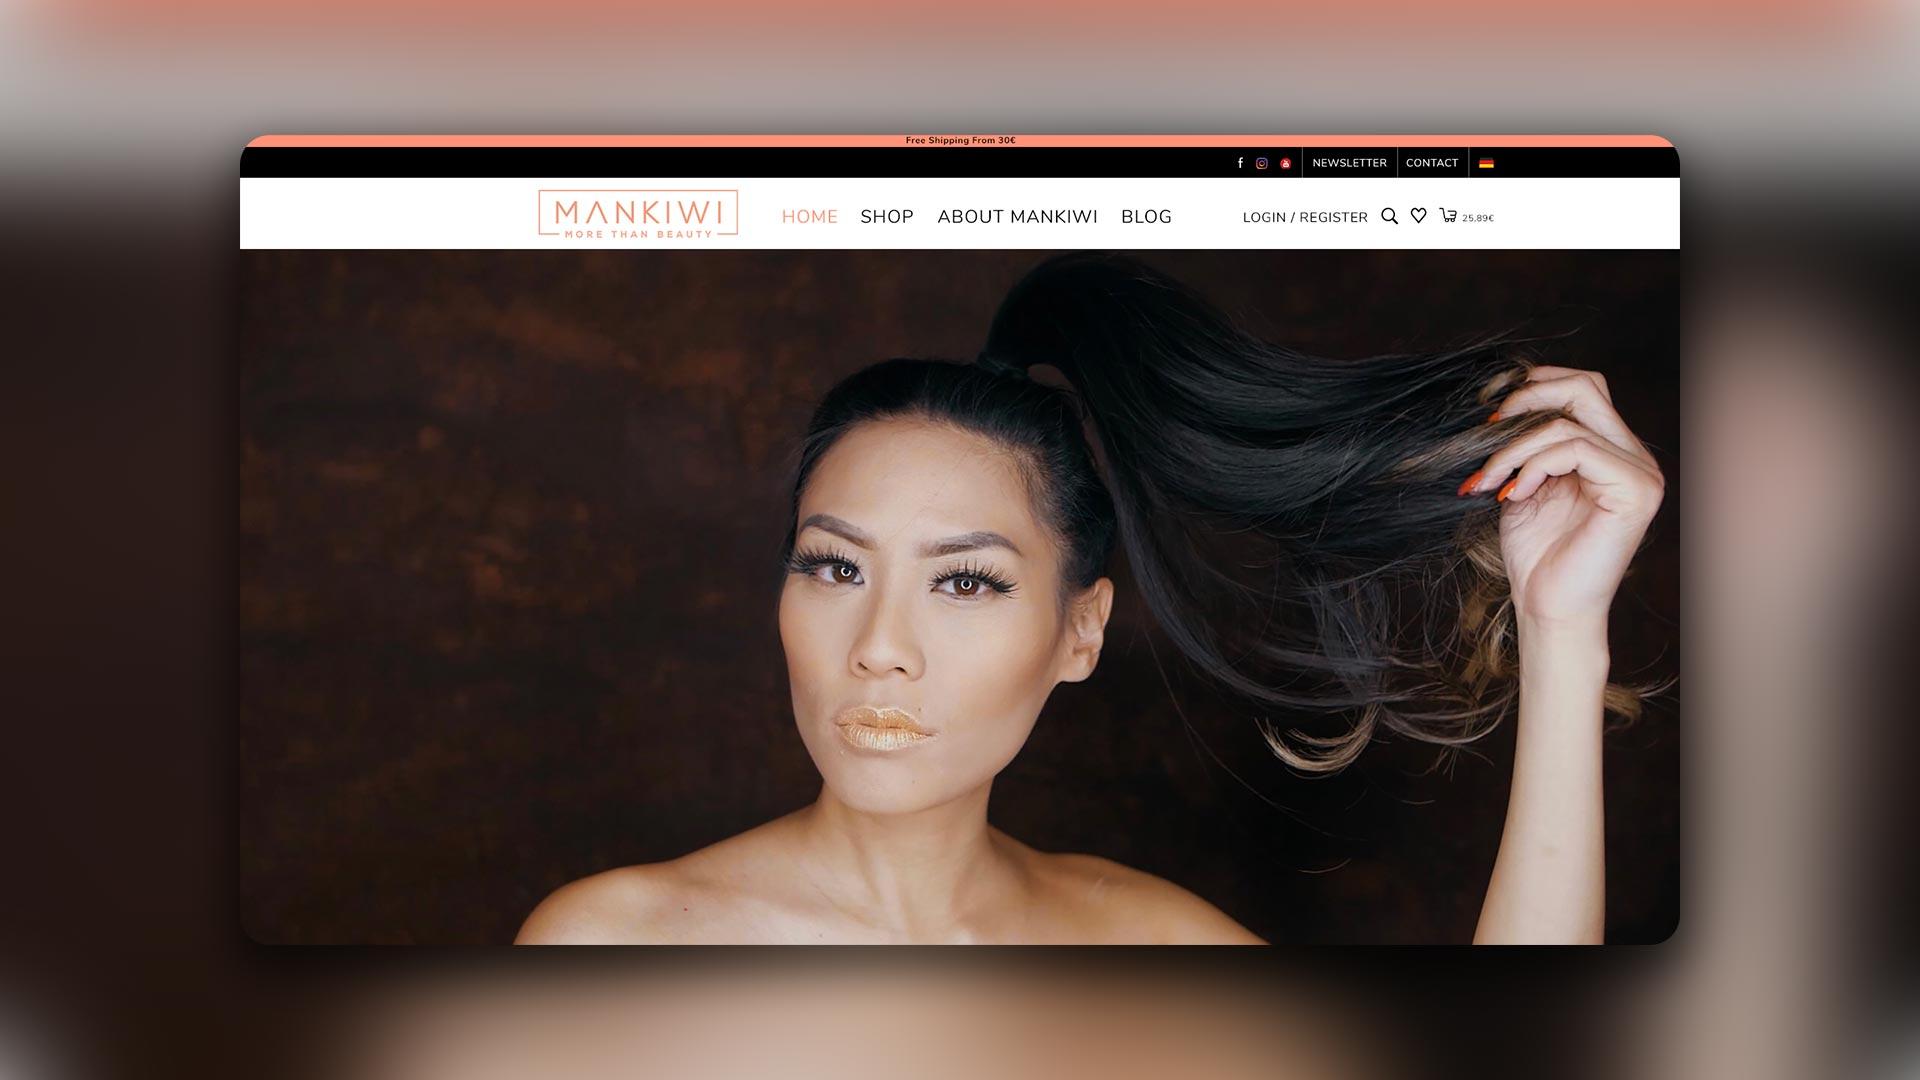 Mischler Webdesign Mannheim portfolio mankiwi onlineshop